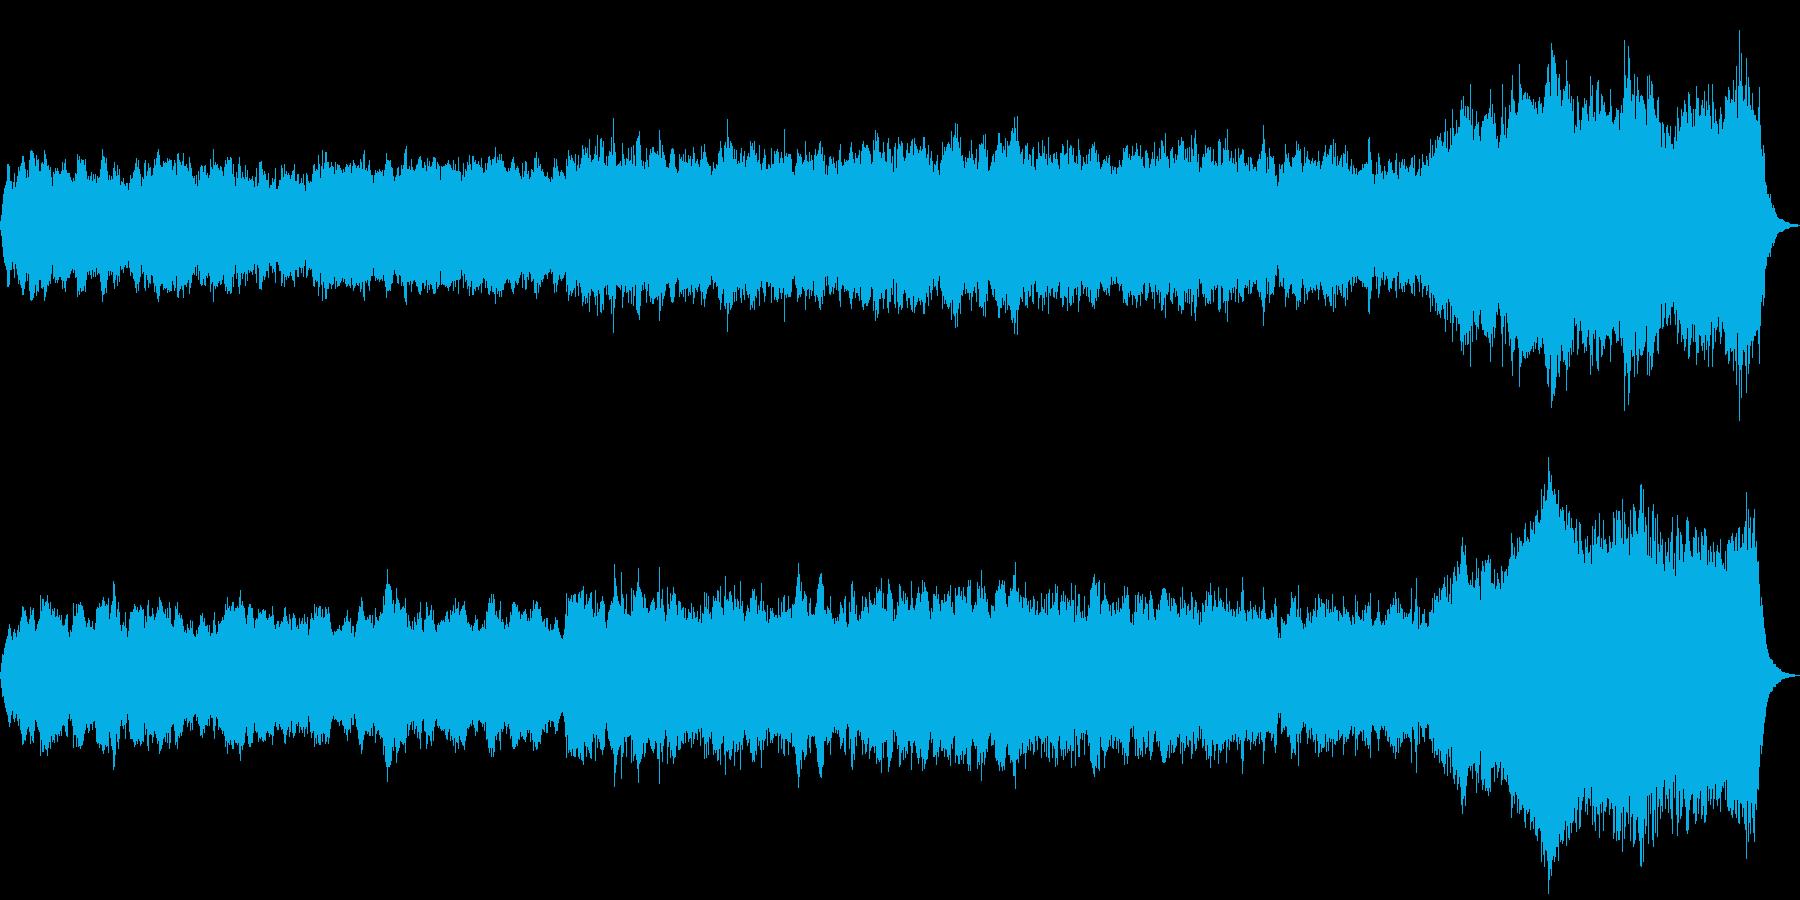 パイプオルガンオリジナル曲で哀愁感ありの再生済みの波形